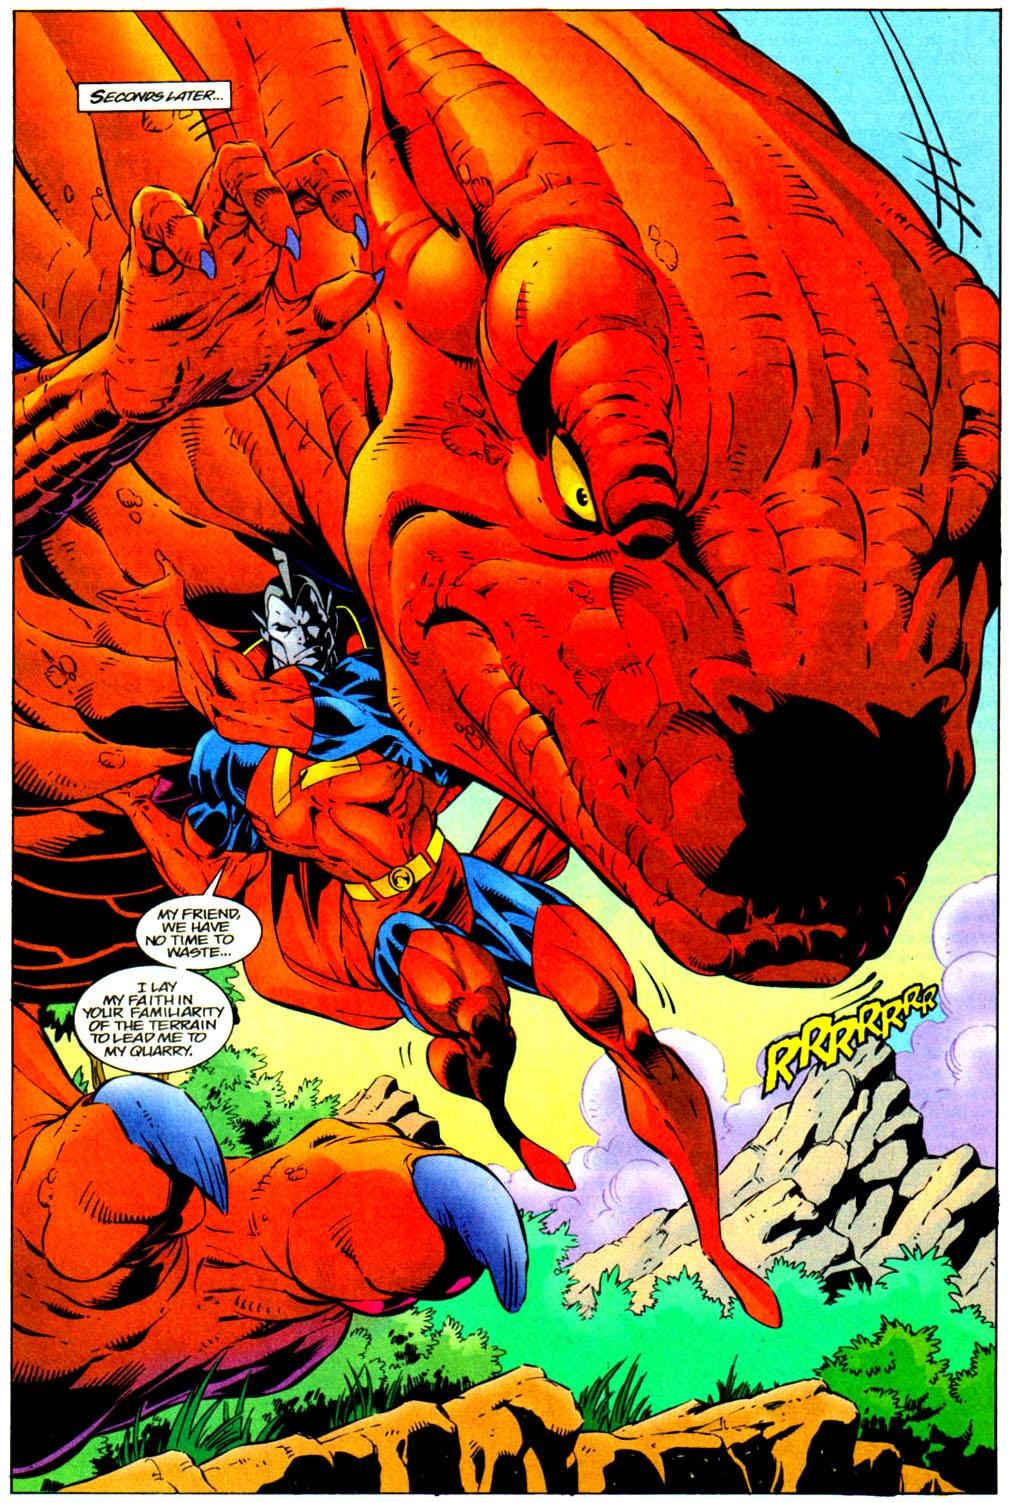 Devil Dinosaur Spring Fling Full Page 12